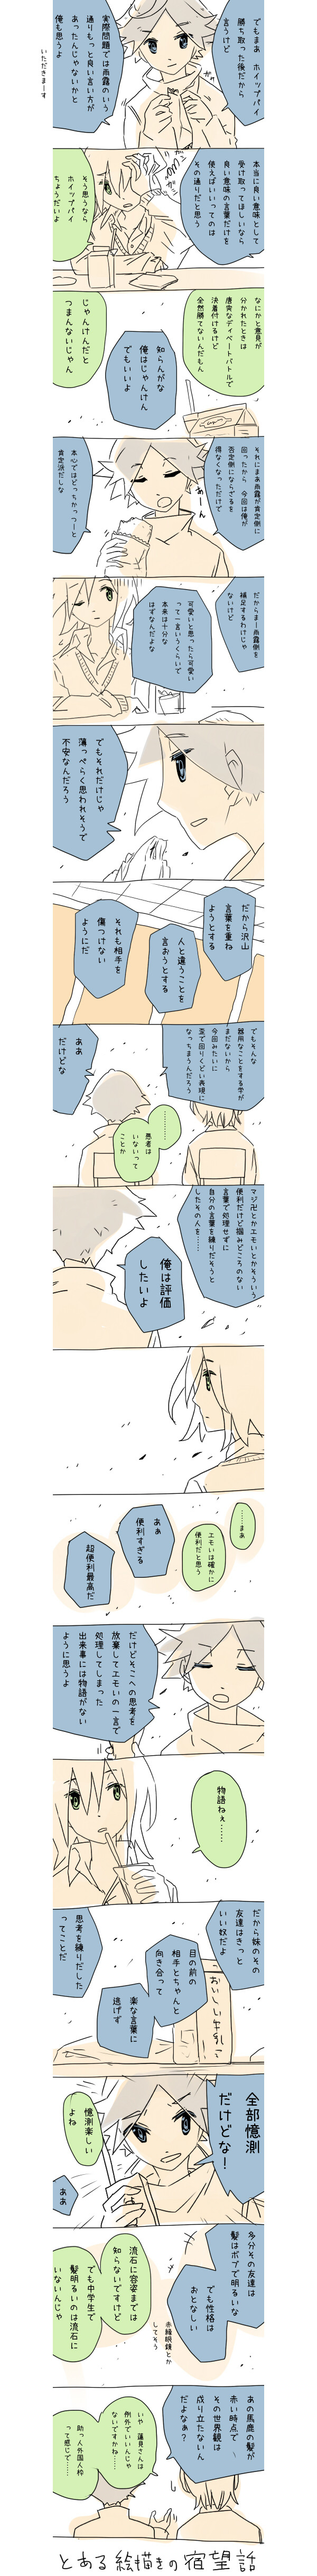 yobi_c004.jpg